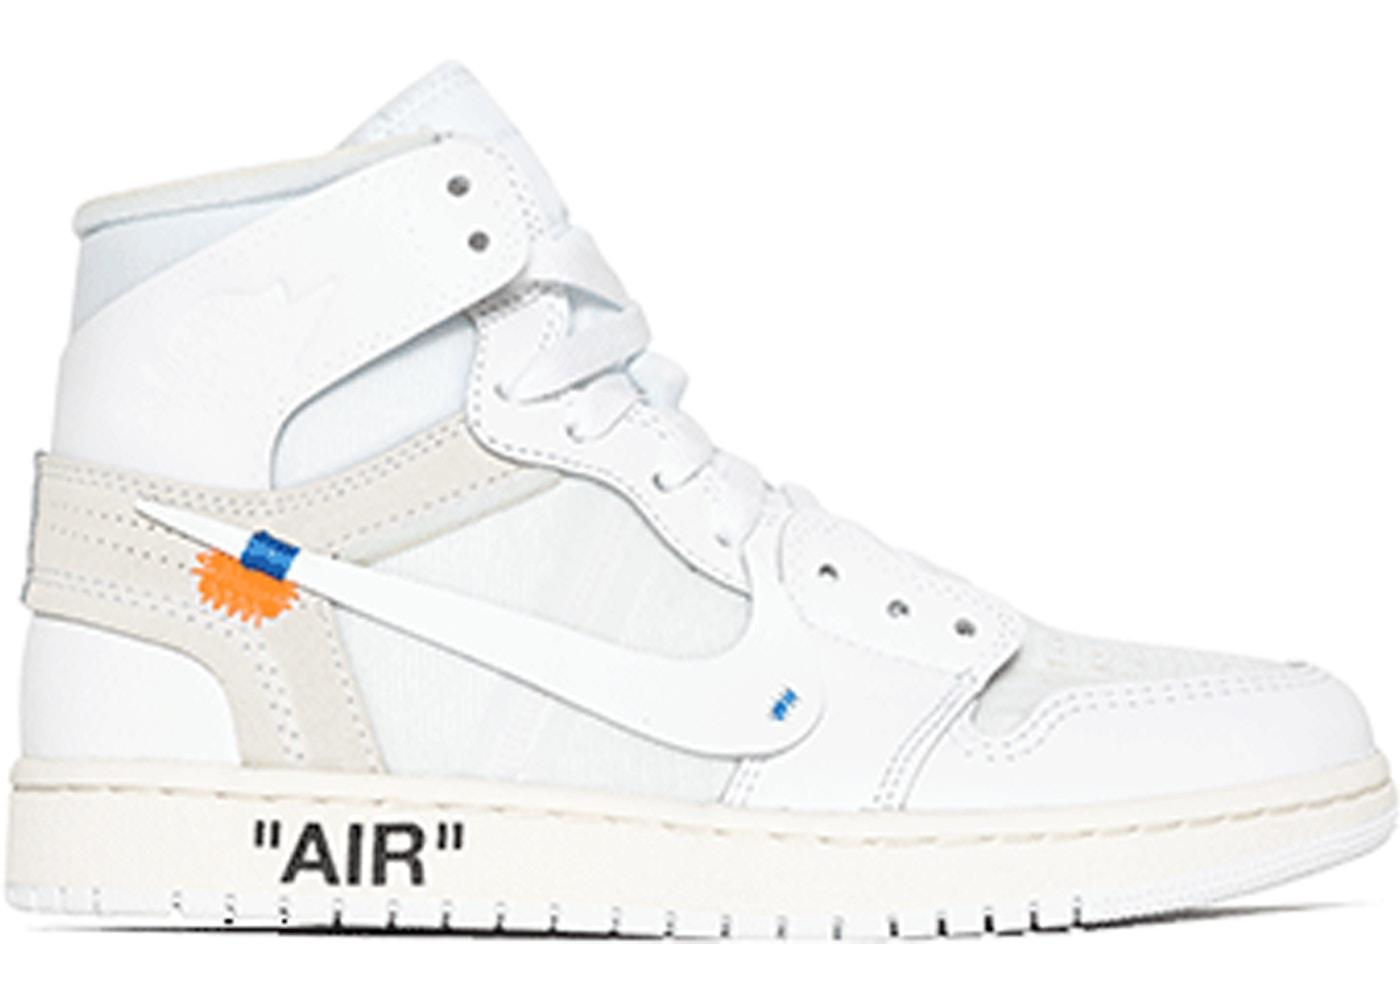 093e4d94e0eb1e Air Jordan 1 Shoes - Average Sale Price